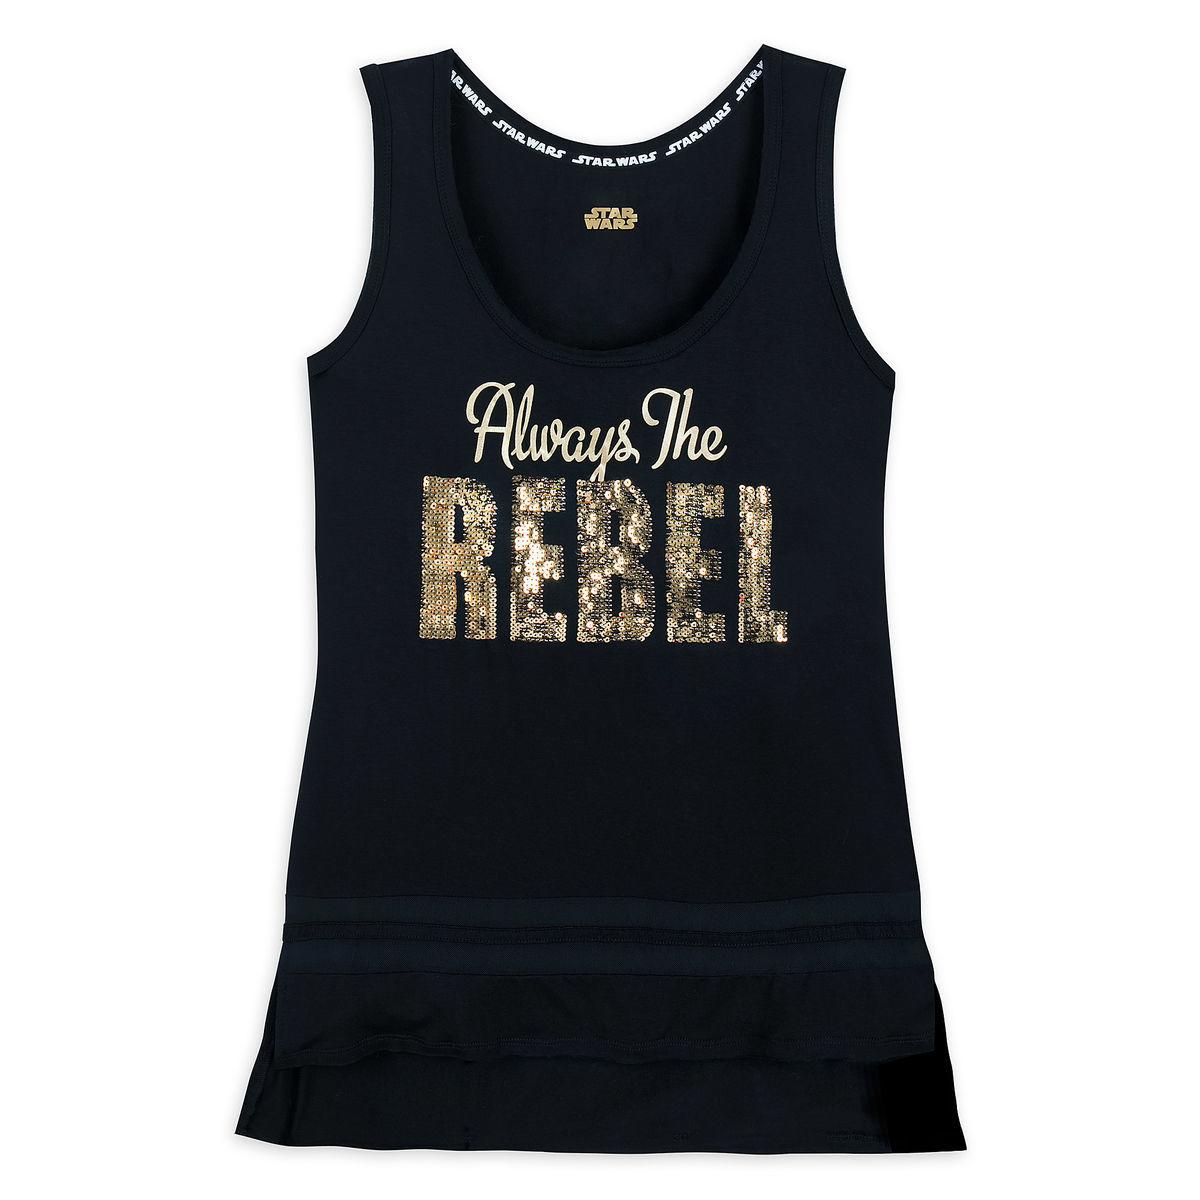 aa3c280c10a7e5 Disney Women s Tank Top - Star Wars Always a Rebel